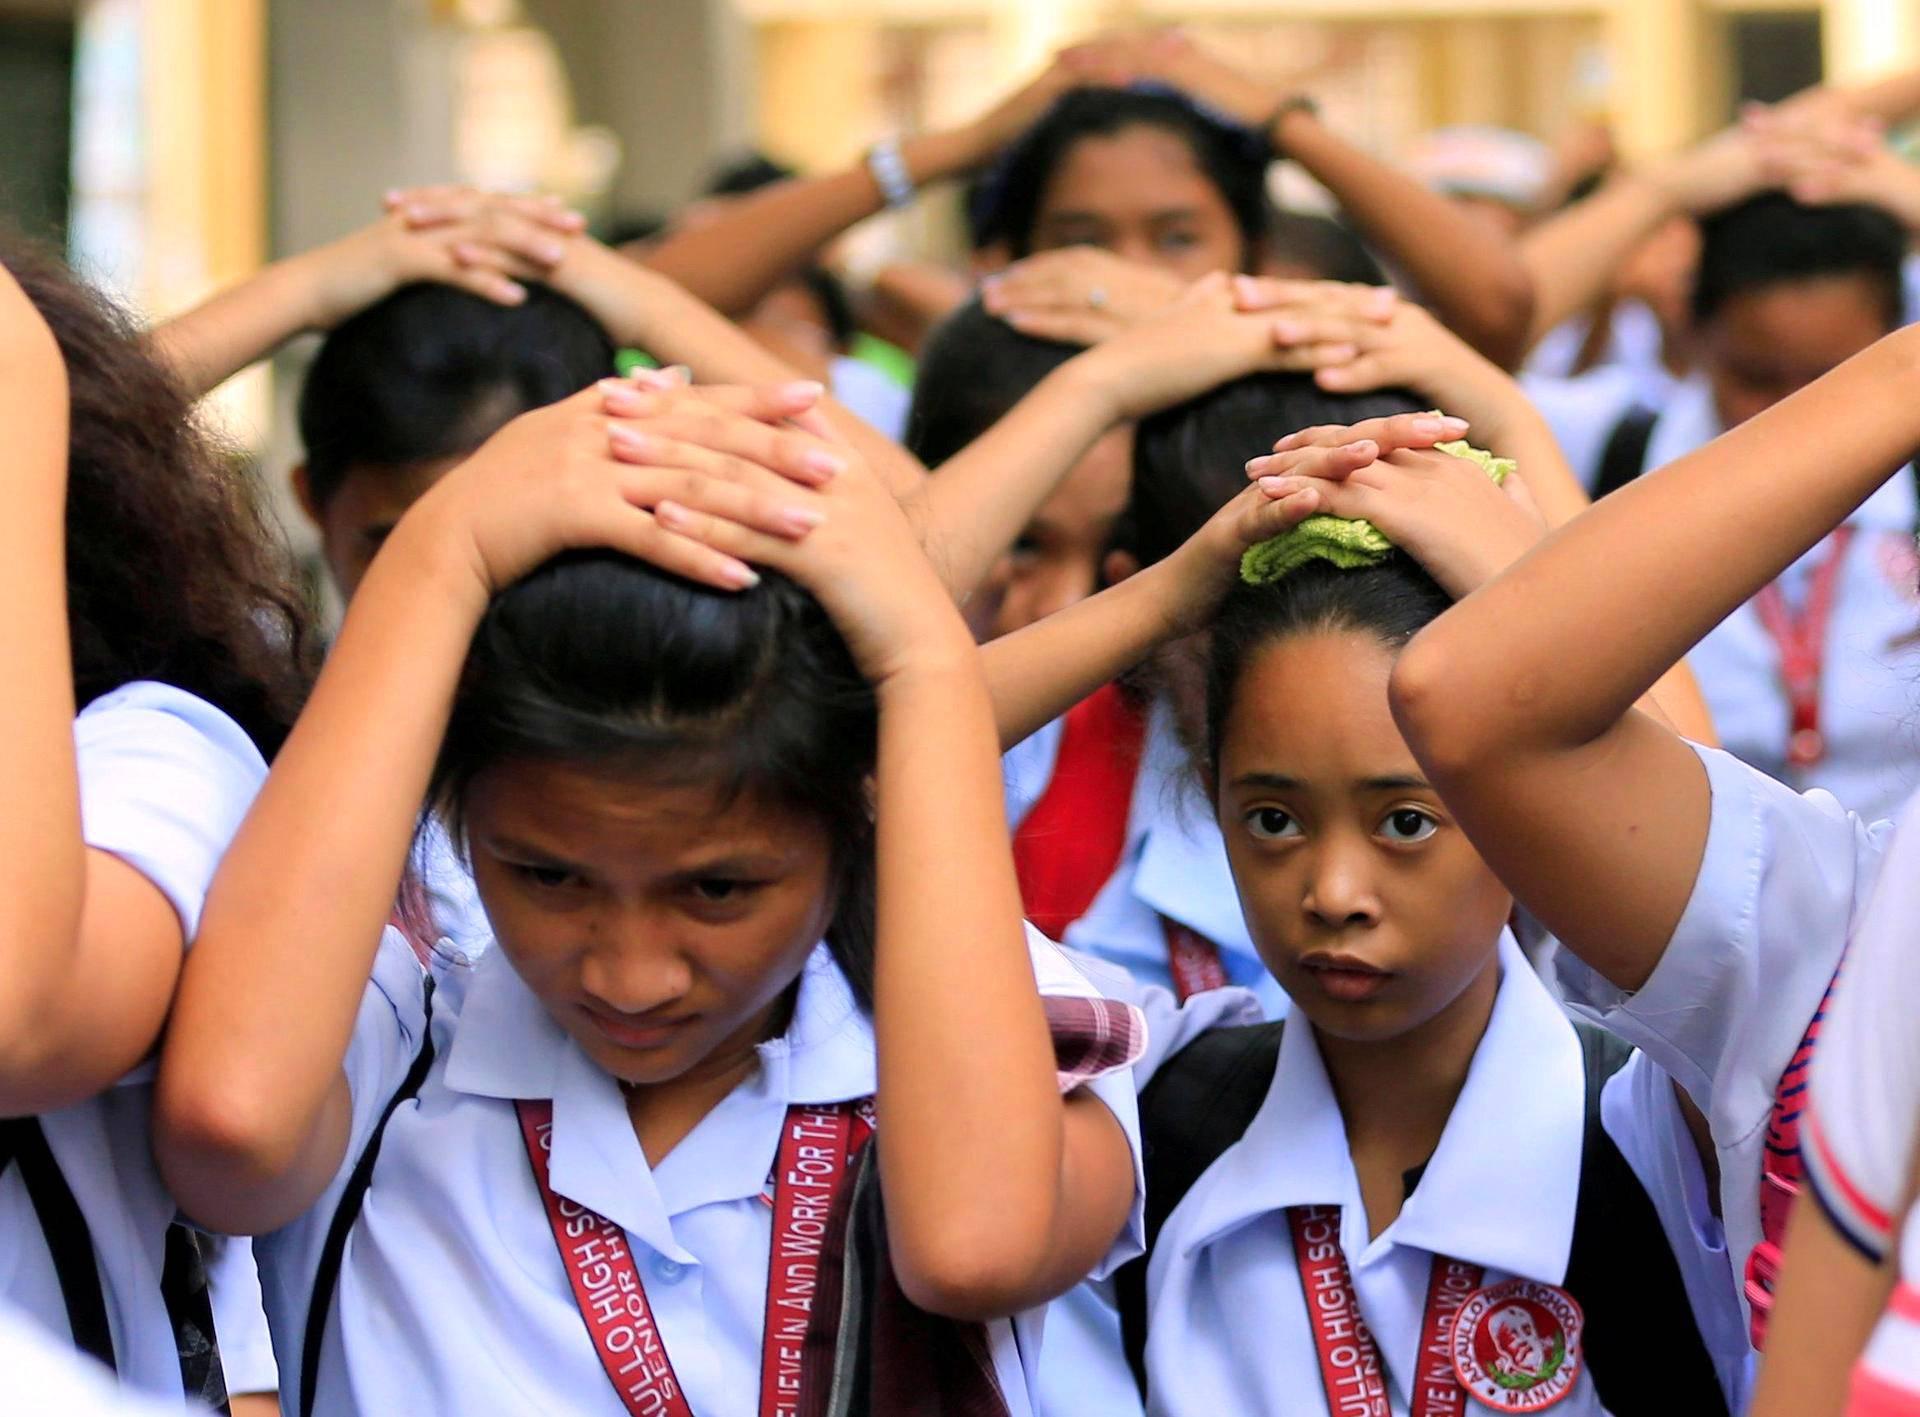 Oppilaat suojelivat päätään, kun heidät evakuoitiin koulutiloista maanjäristyksen jälkeen Manilassa Filippiineillä.